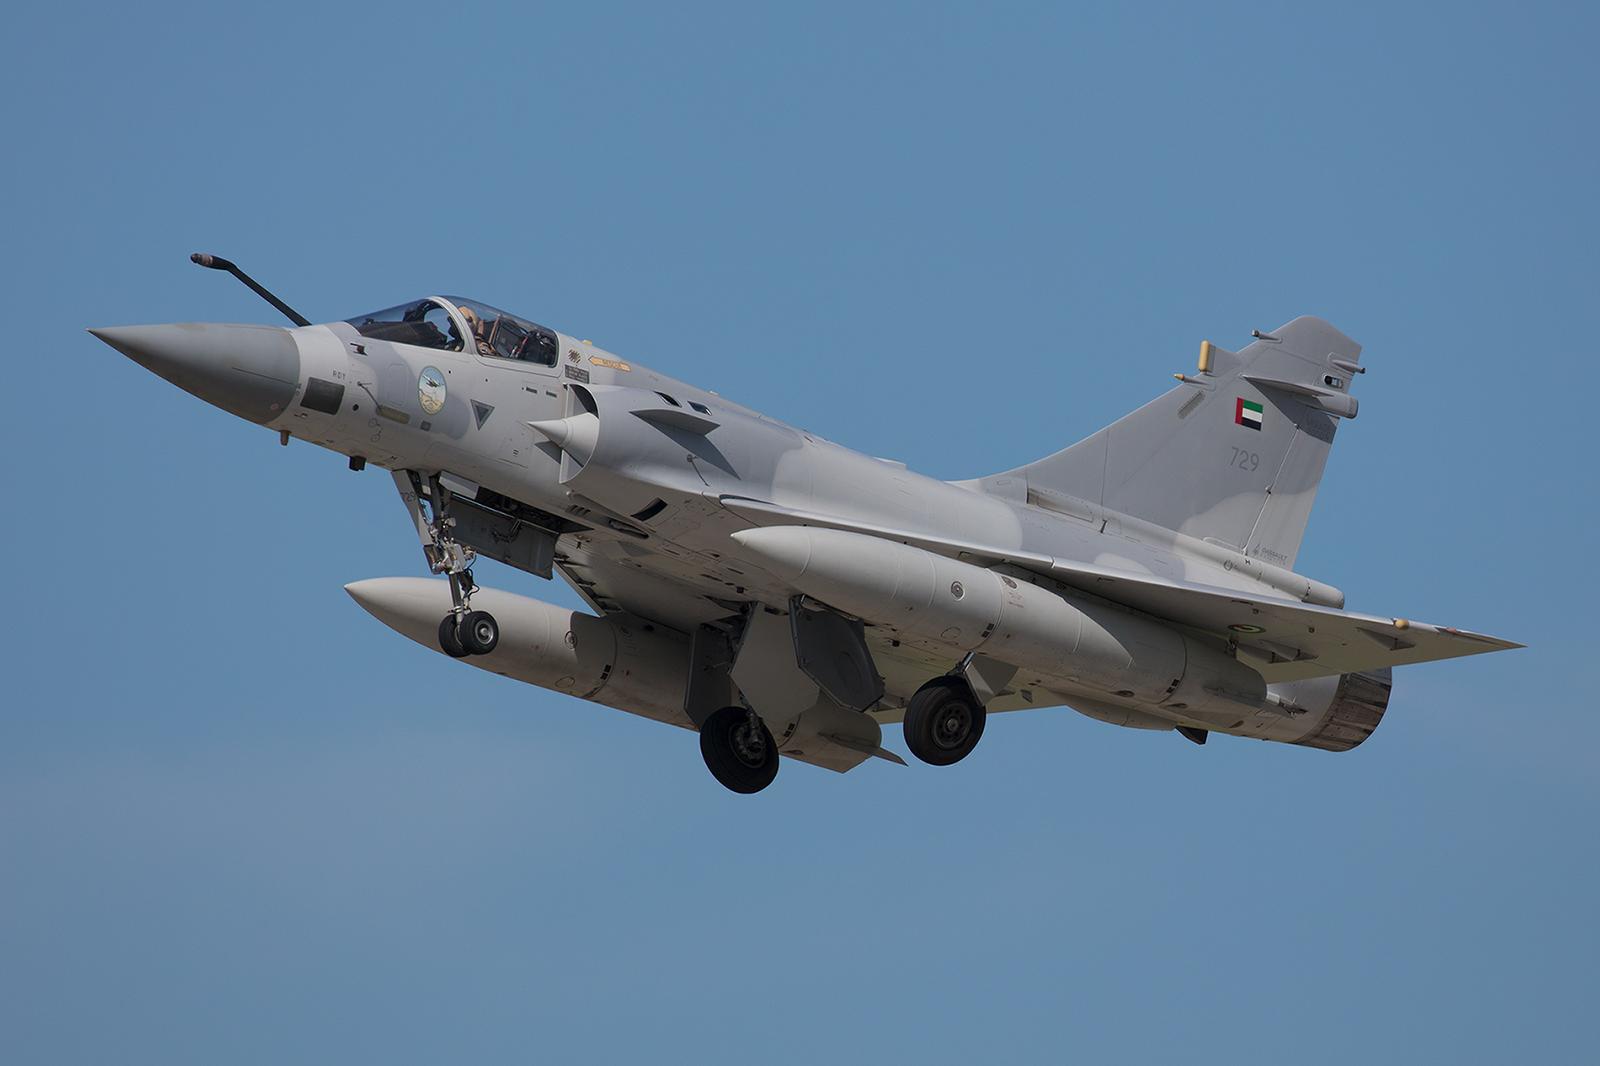 729, AMD Mirage 2000-9 der I Shaheen Sqn aus Al Dhafra (Abu Dhabi).